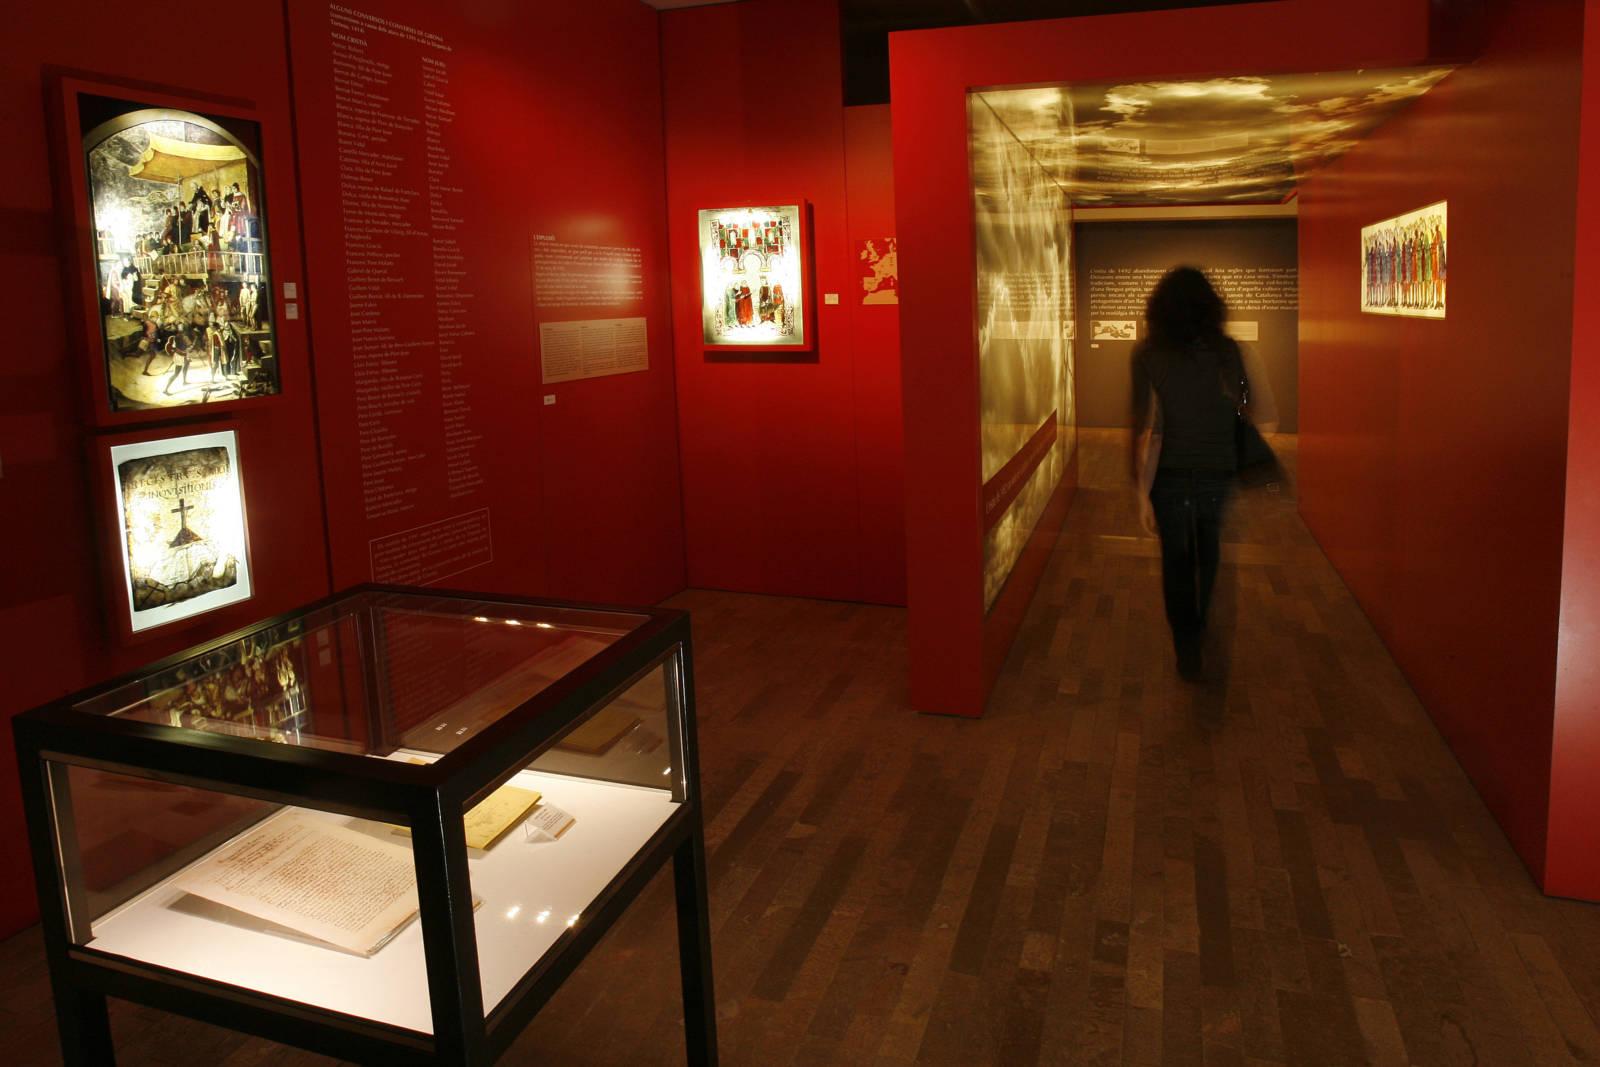 Das Museum für Jüdische Geschichte © Aniol Resclosa. Patronat Call de Girona